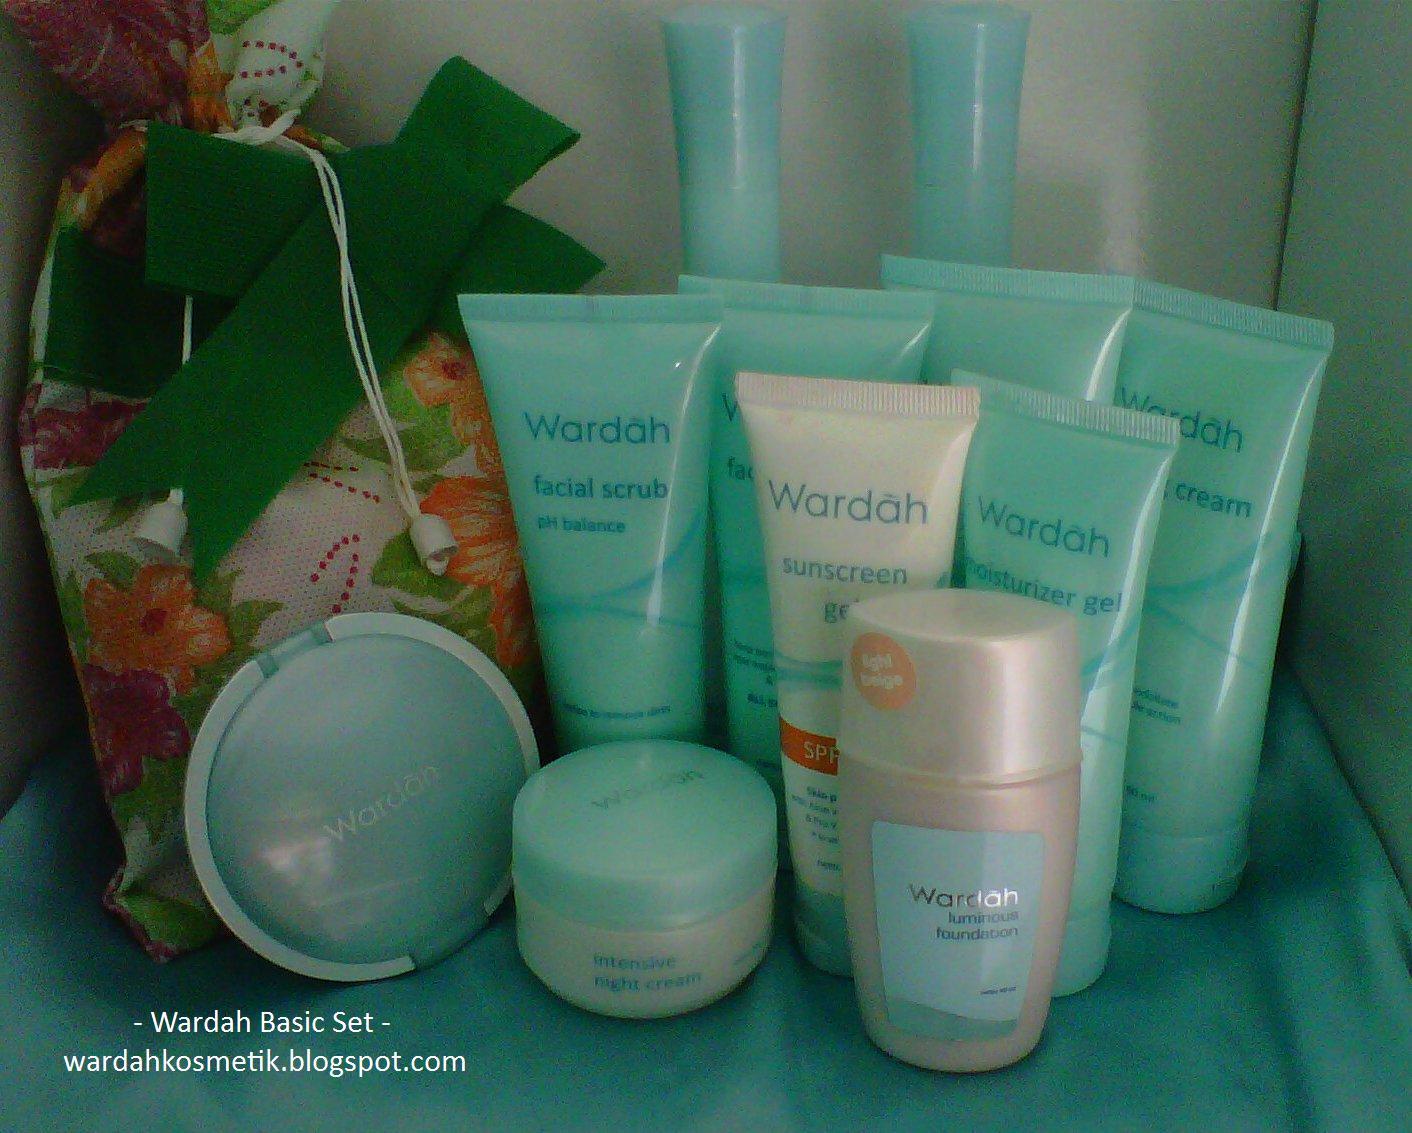 Wardah Kosmetik Paket Lightening Facial Mask 60ml 60 Ml 8 Body Lotion 150 9 Two Way Cake Light Feel 14 Gr Pilih Warna 01 Beige 02 Golden